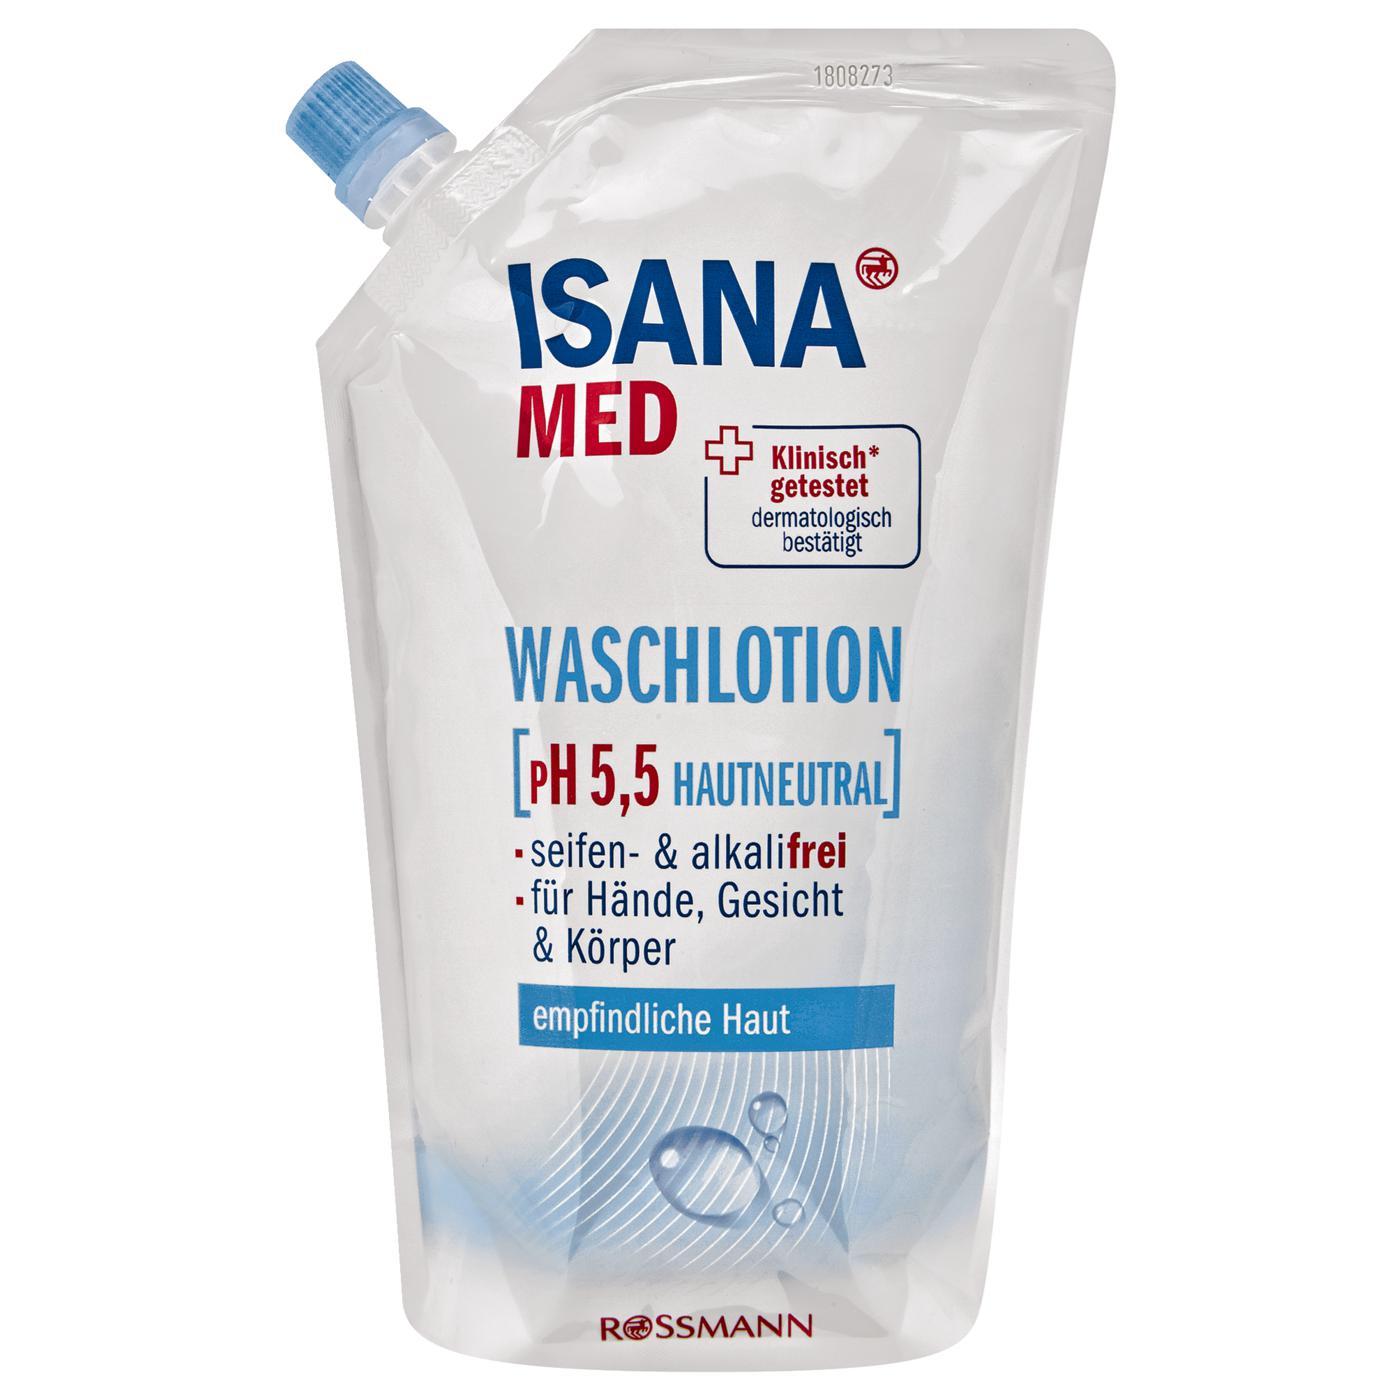 ISANA med Waschlotion